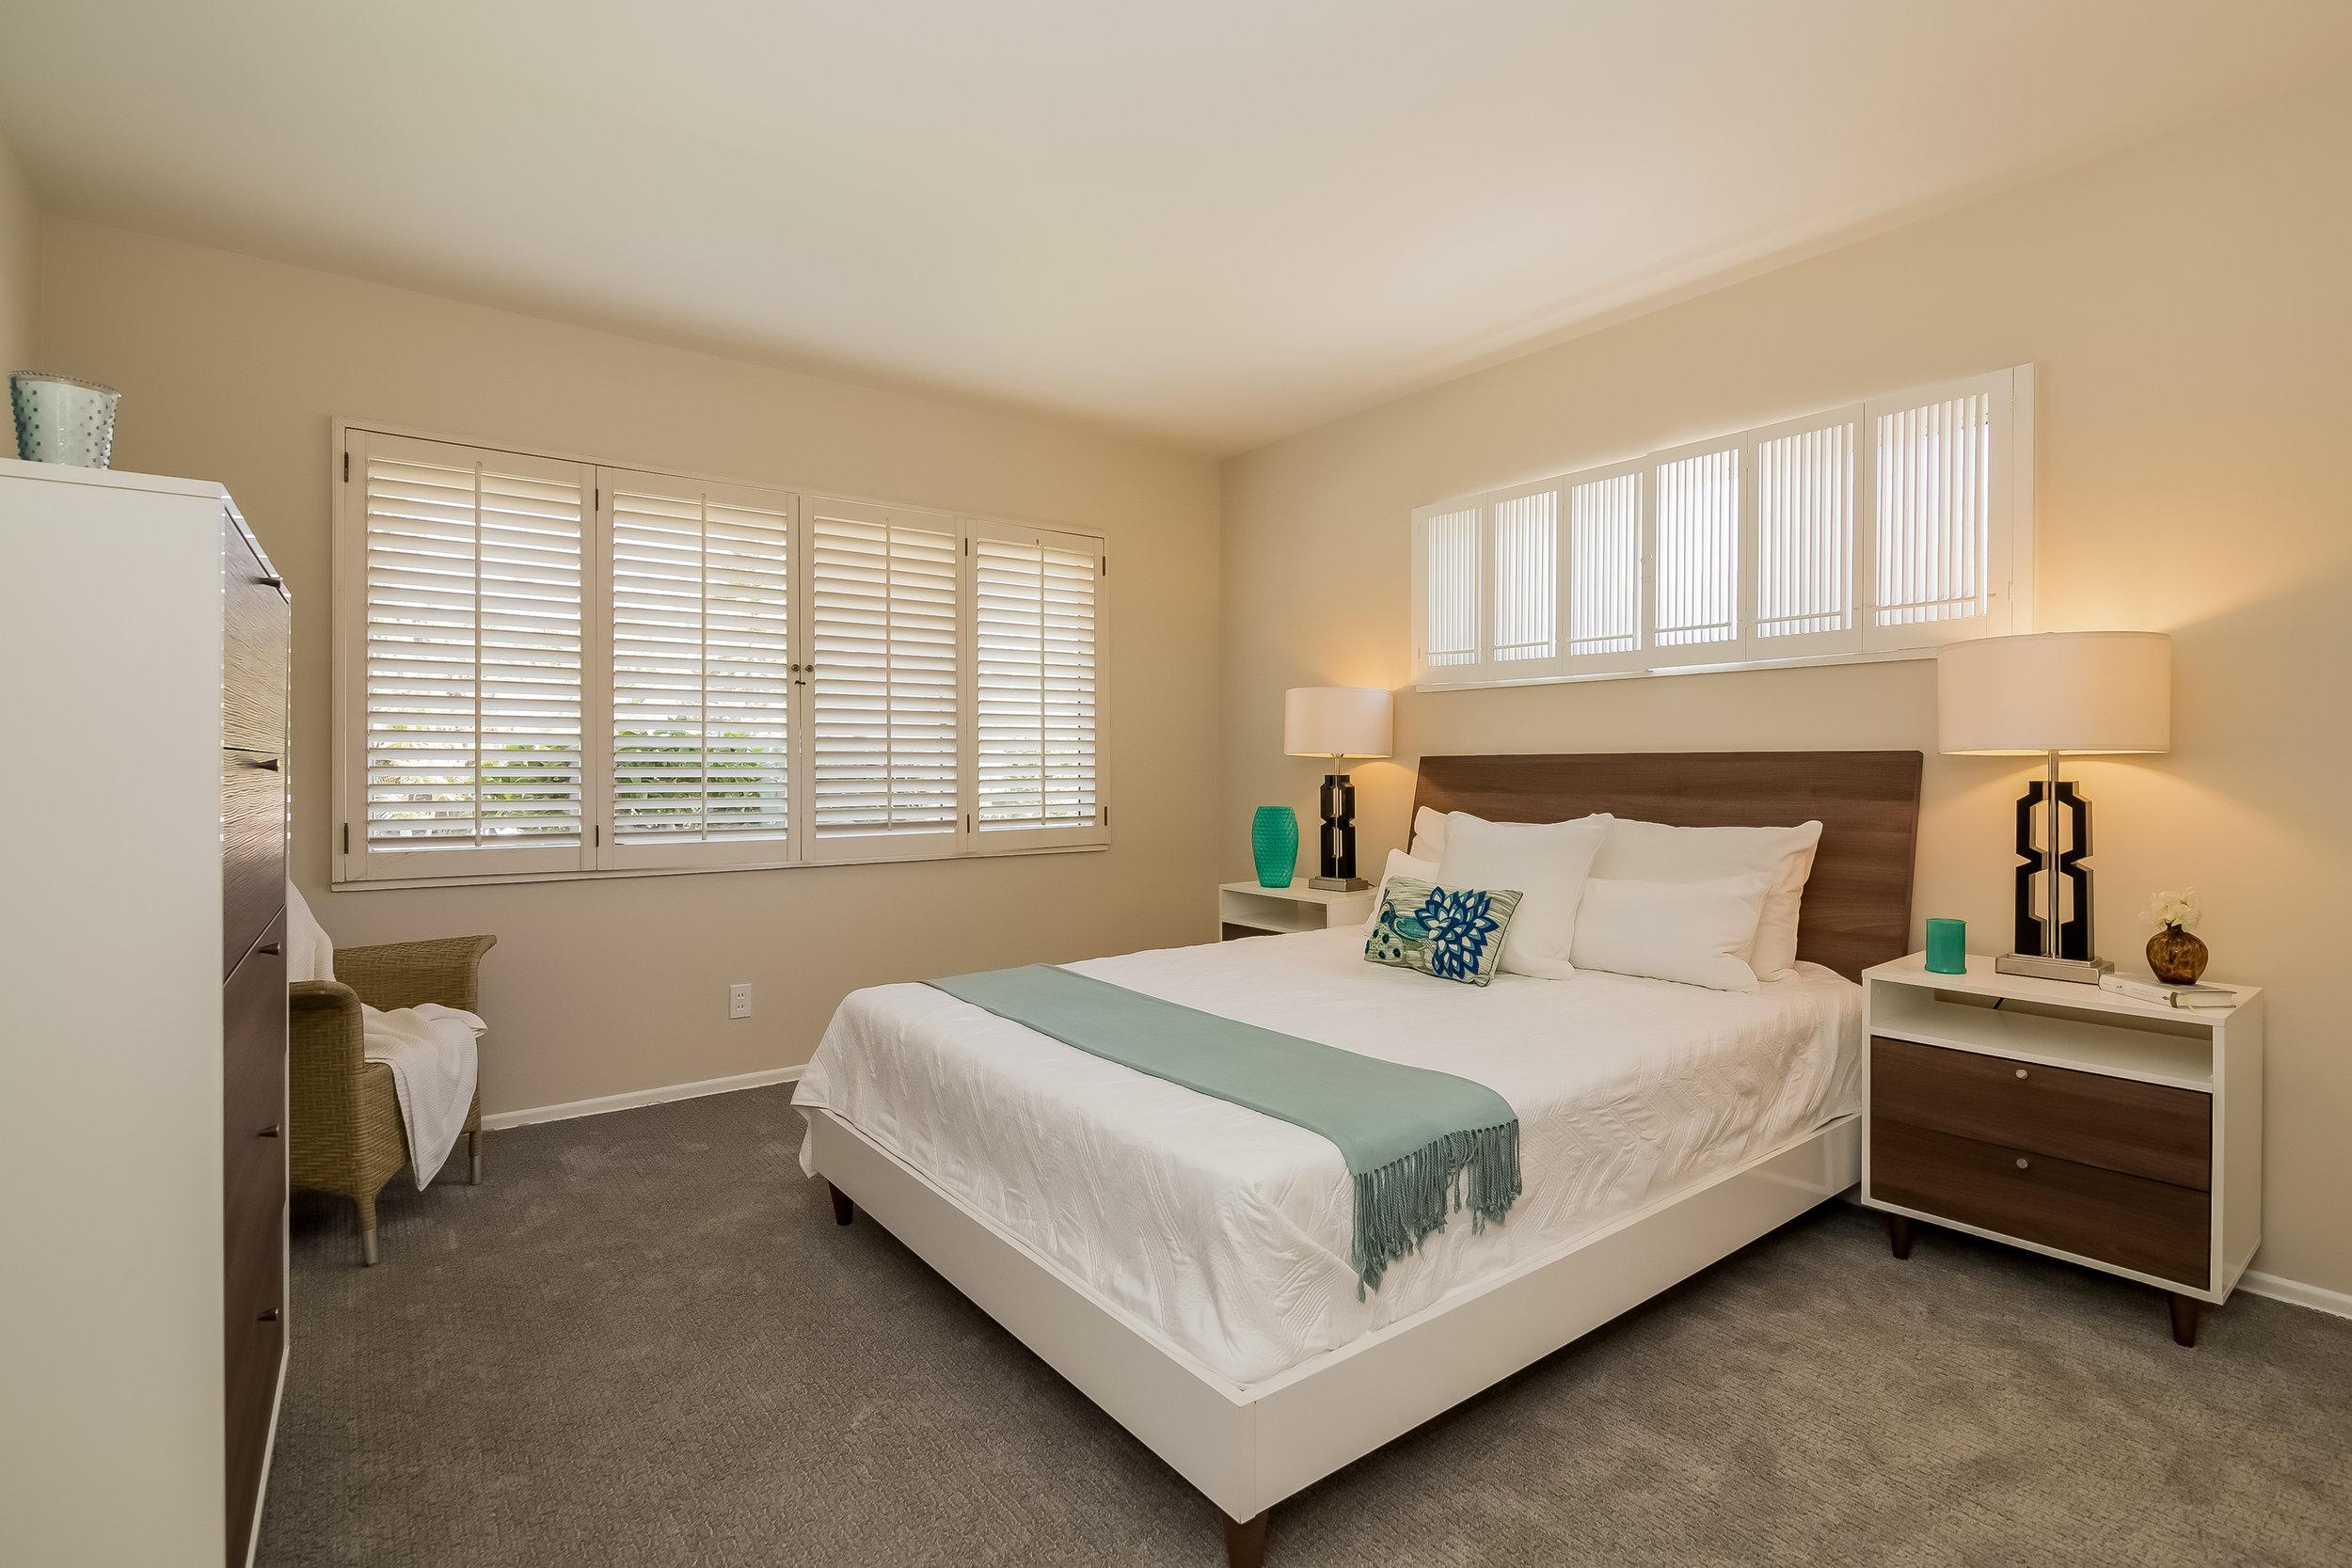 033-Bedroom-2805362-large copy.jpg